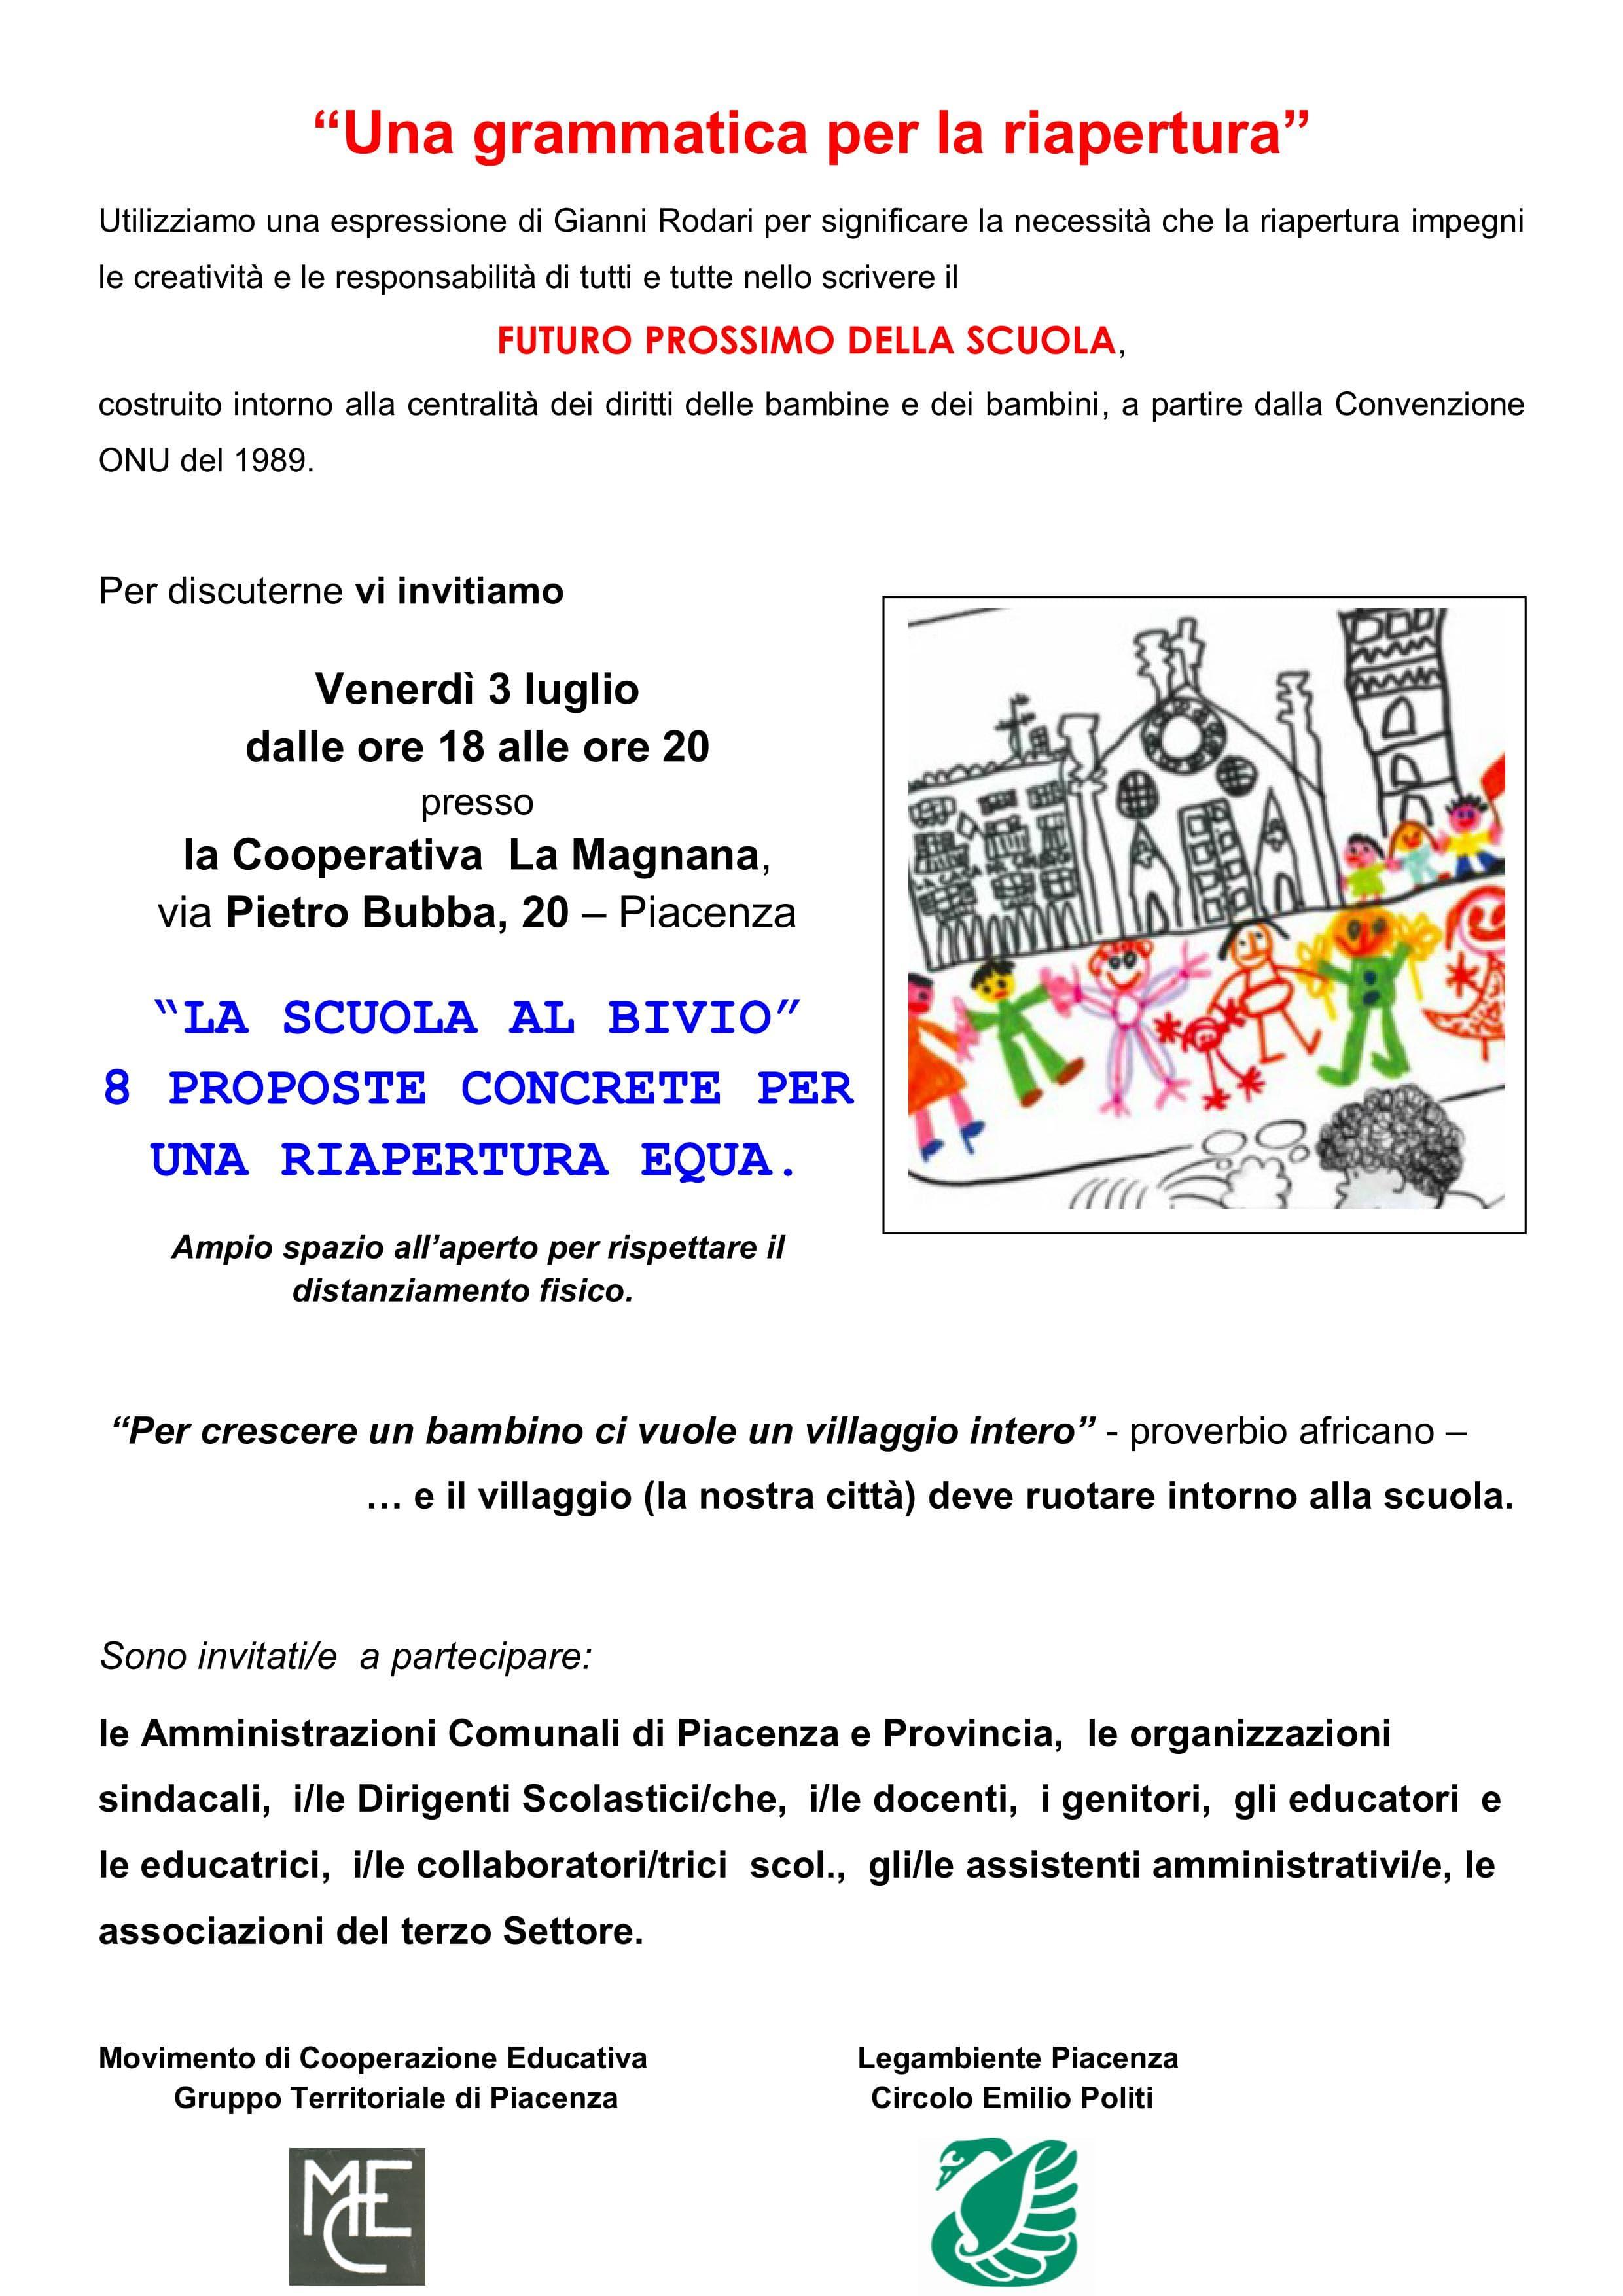 volantino grammatica riapertura_01..-2